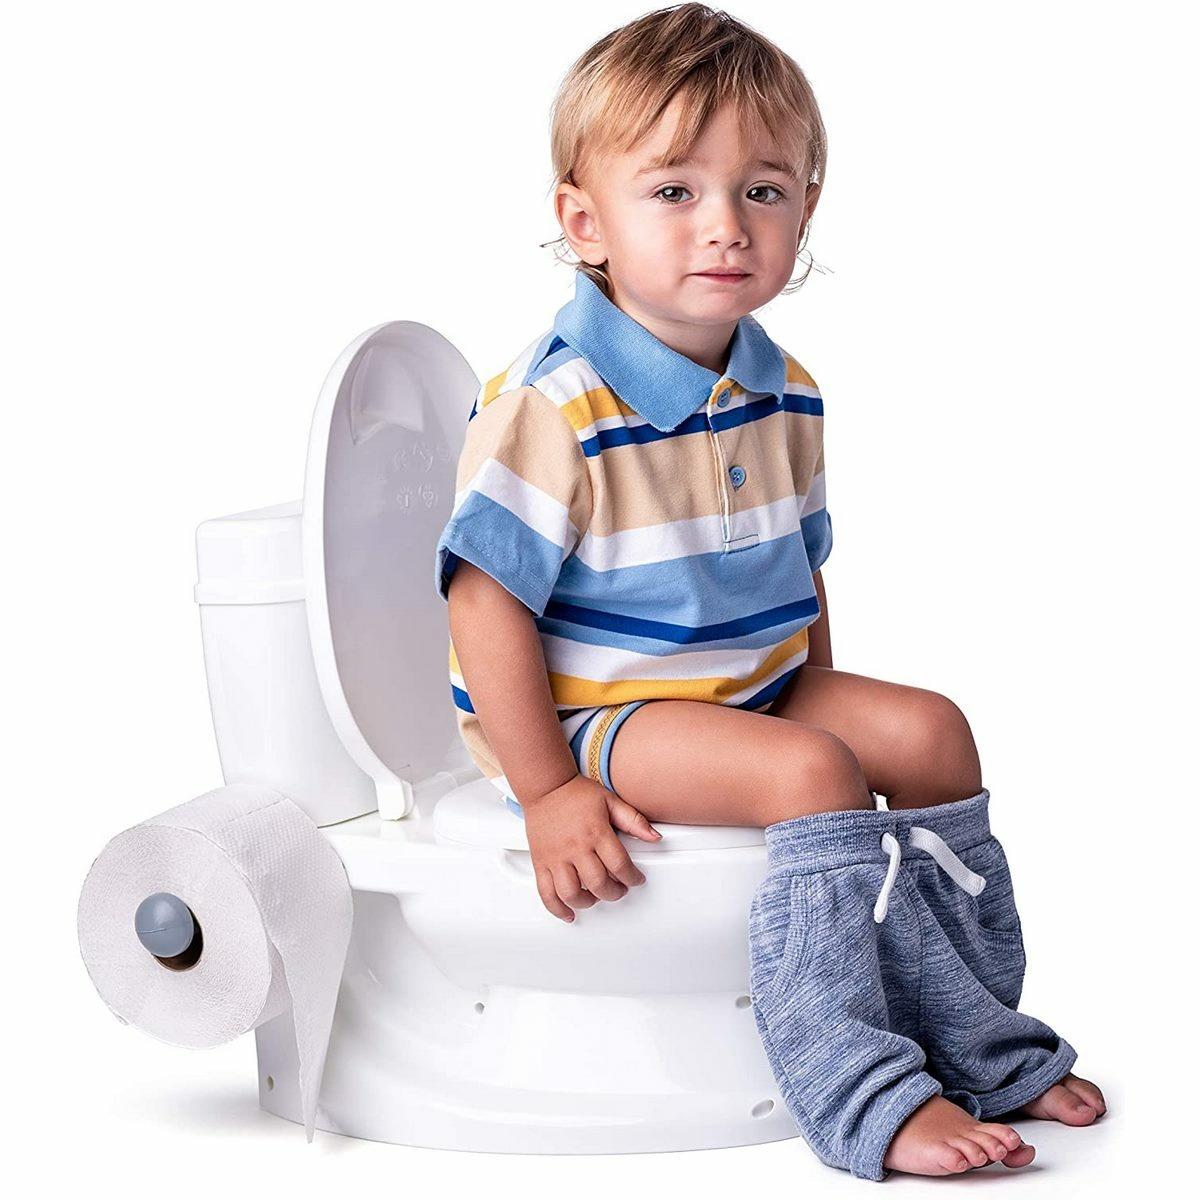 Dolu Detská toaleta, biela